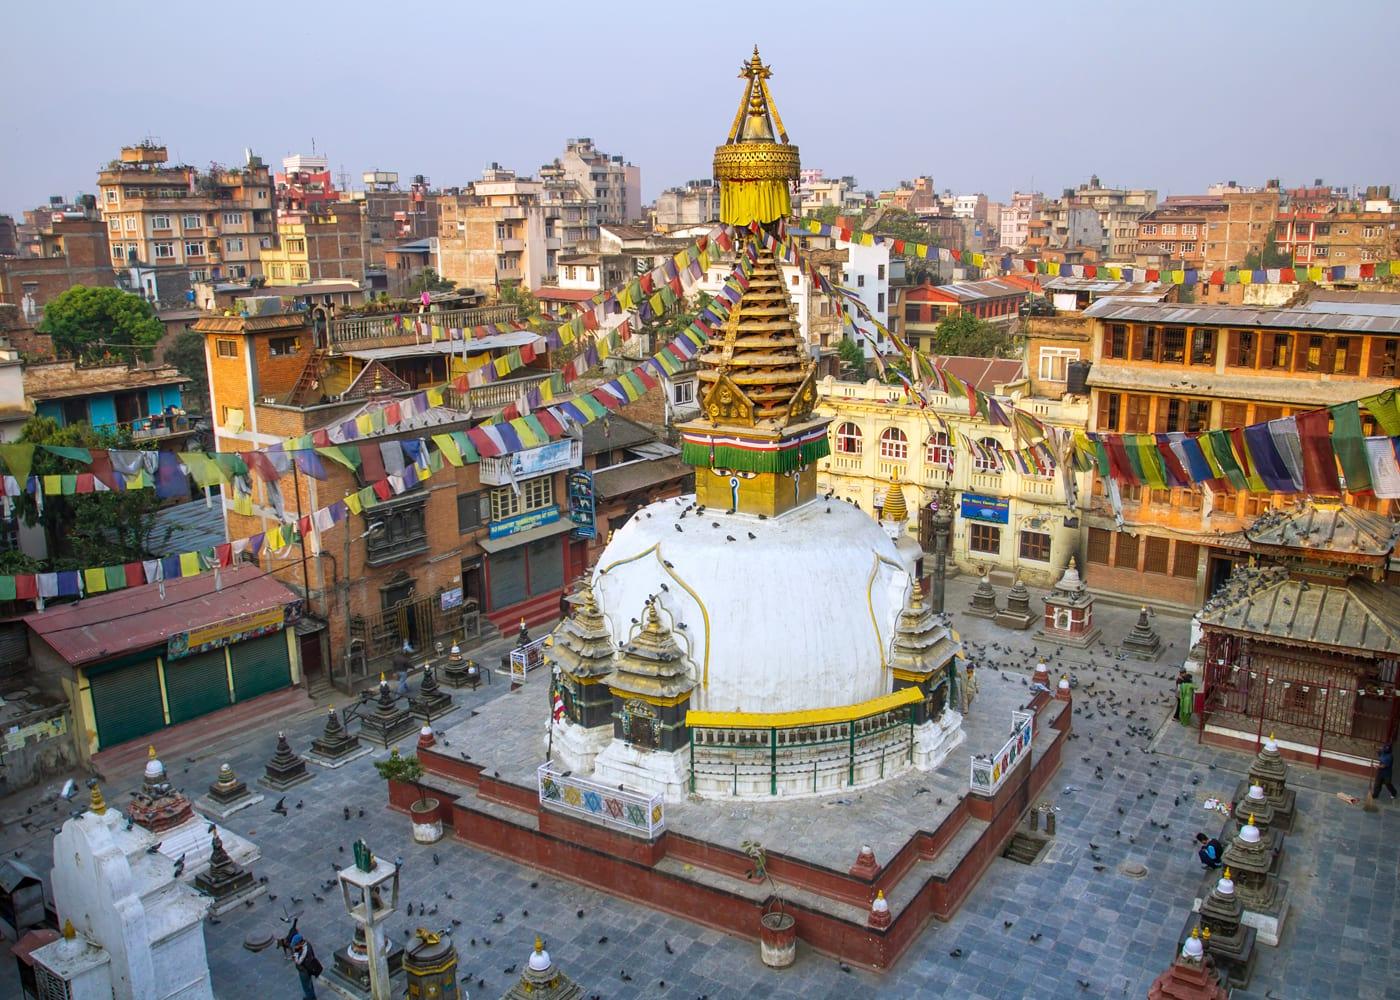 Нужна ли россиянам виза в Непал и как е получить